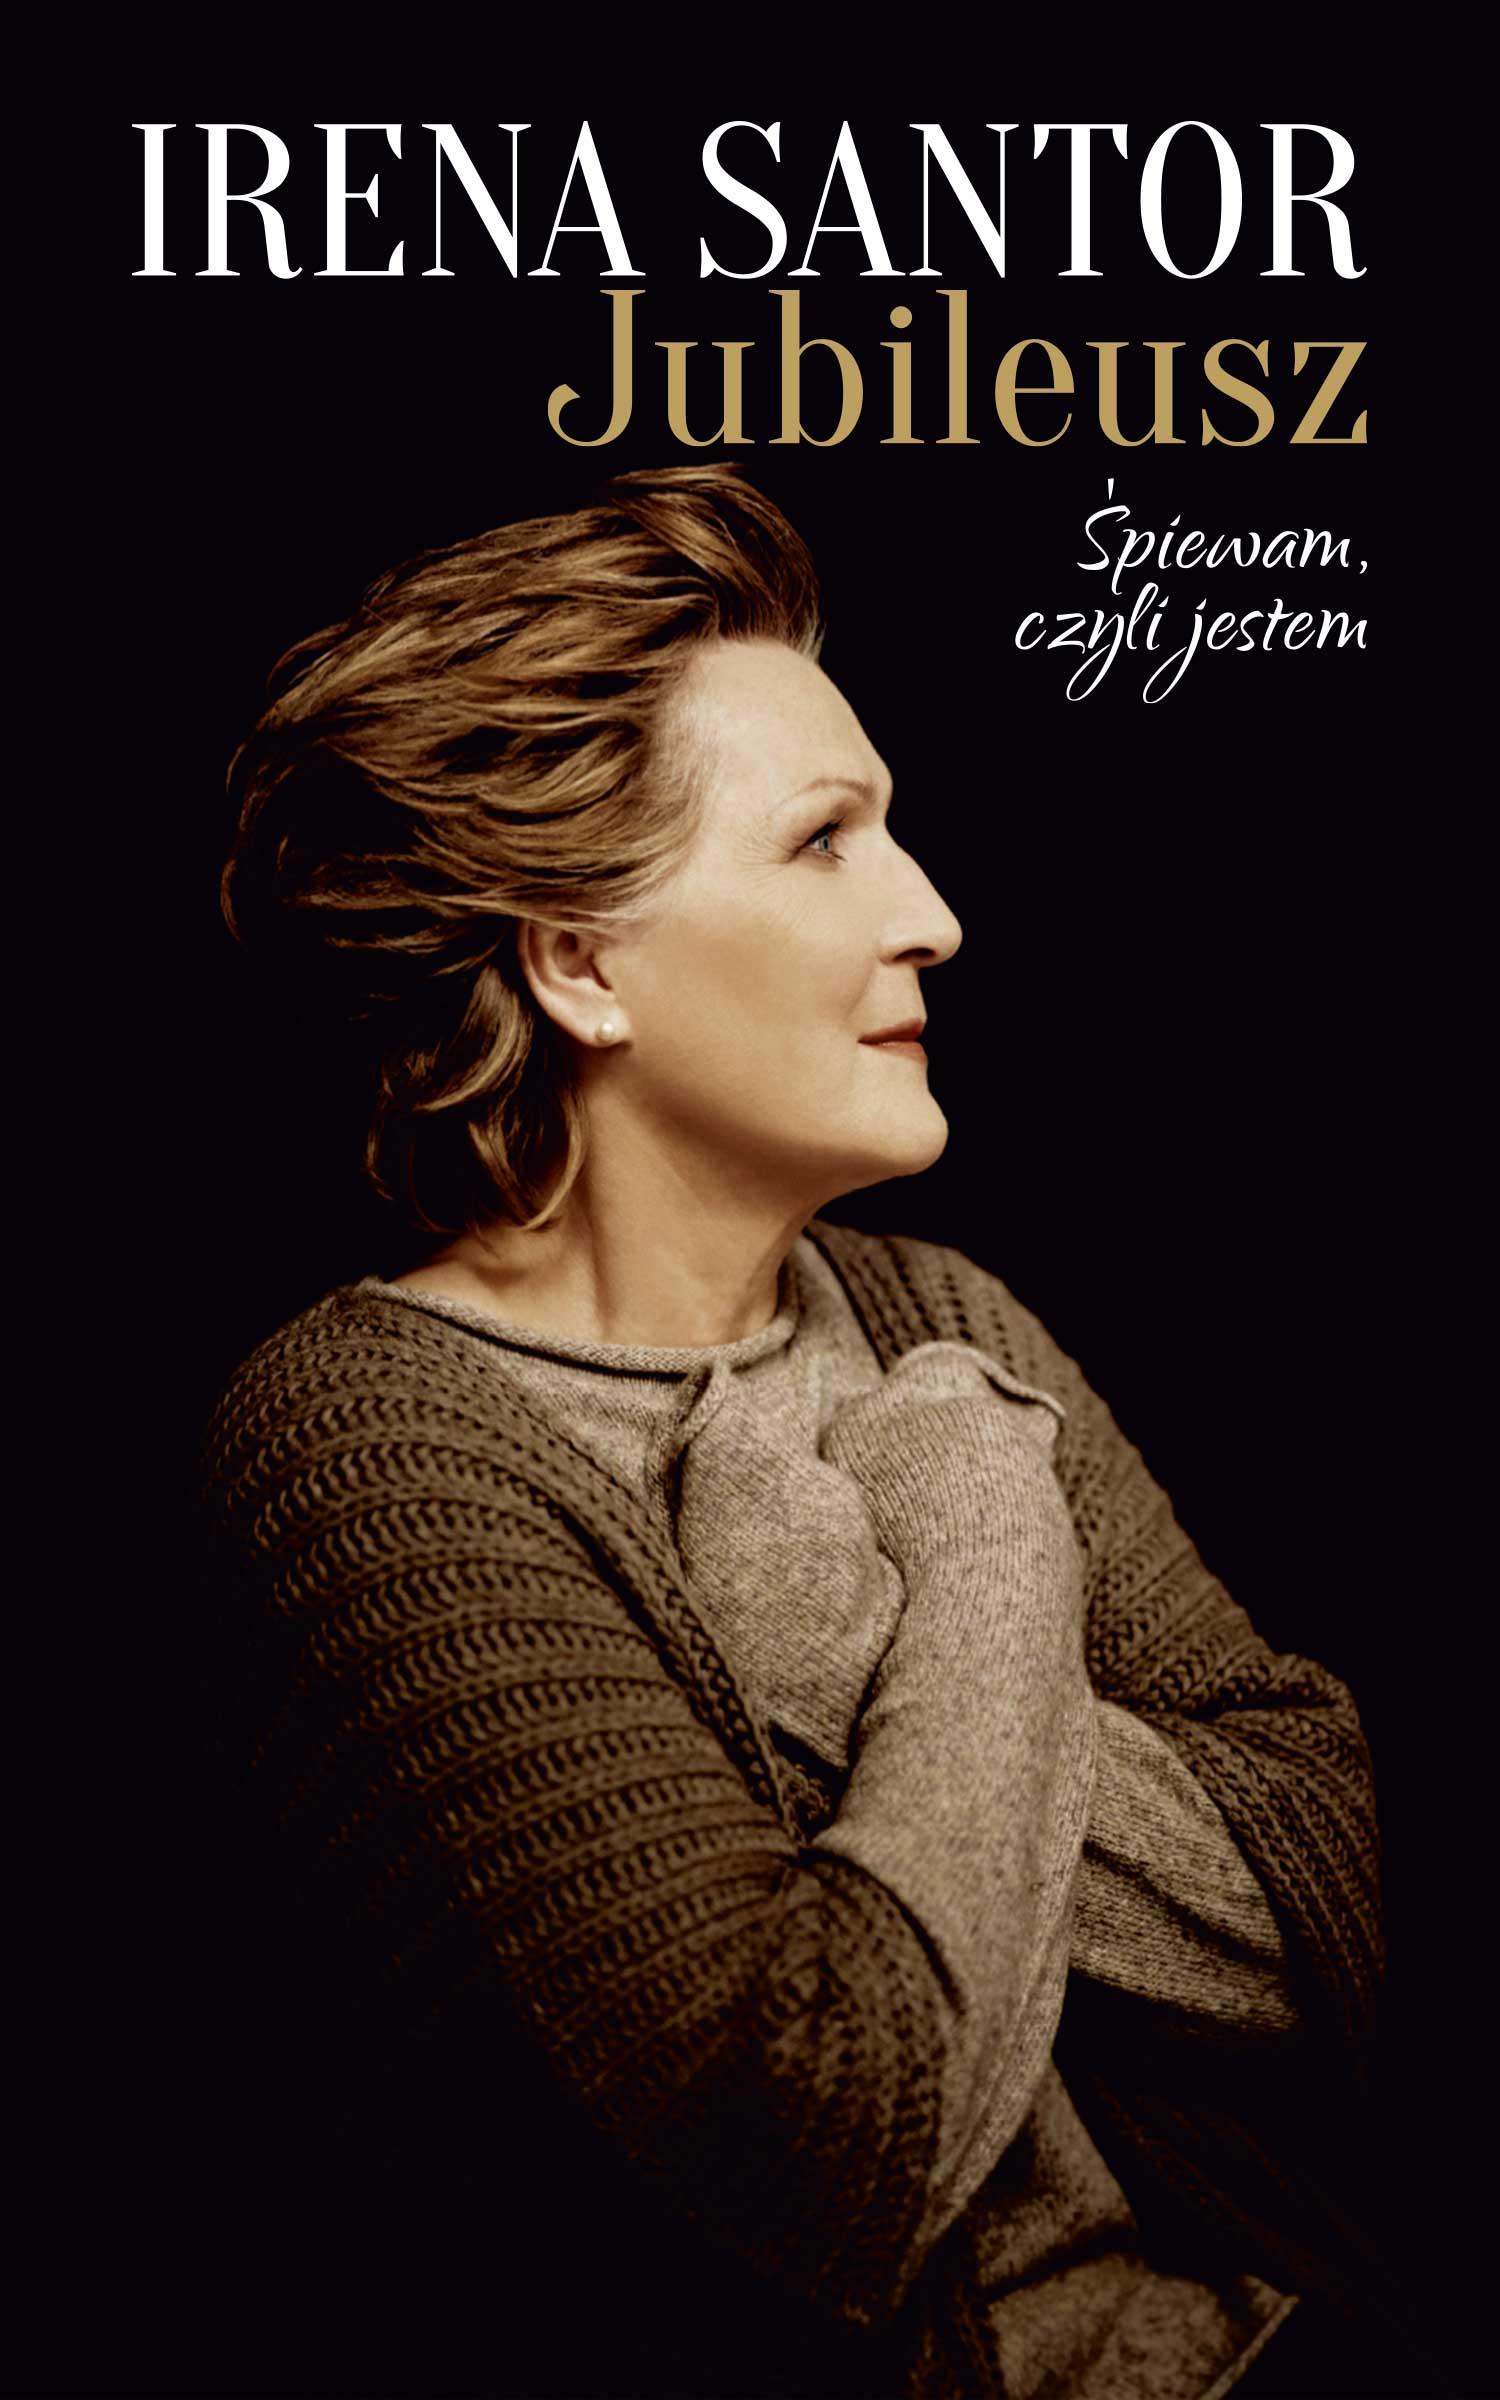 @ScenaKultury Irena Santor 2020.12.10 – Jubileusz – plakat